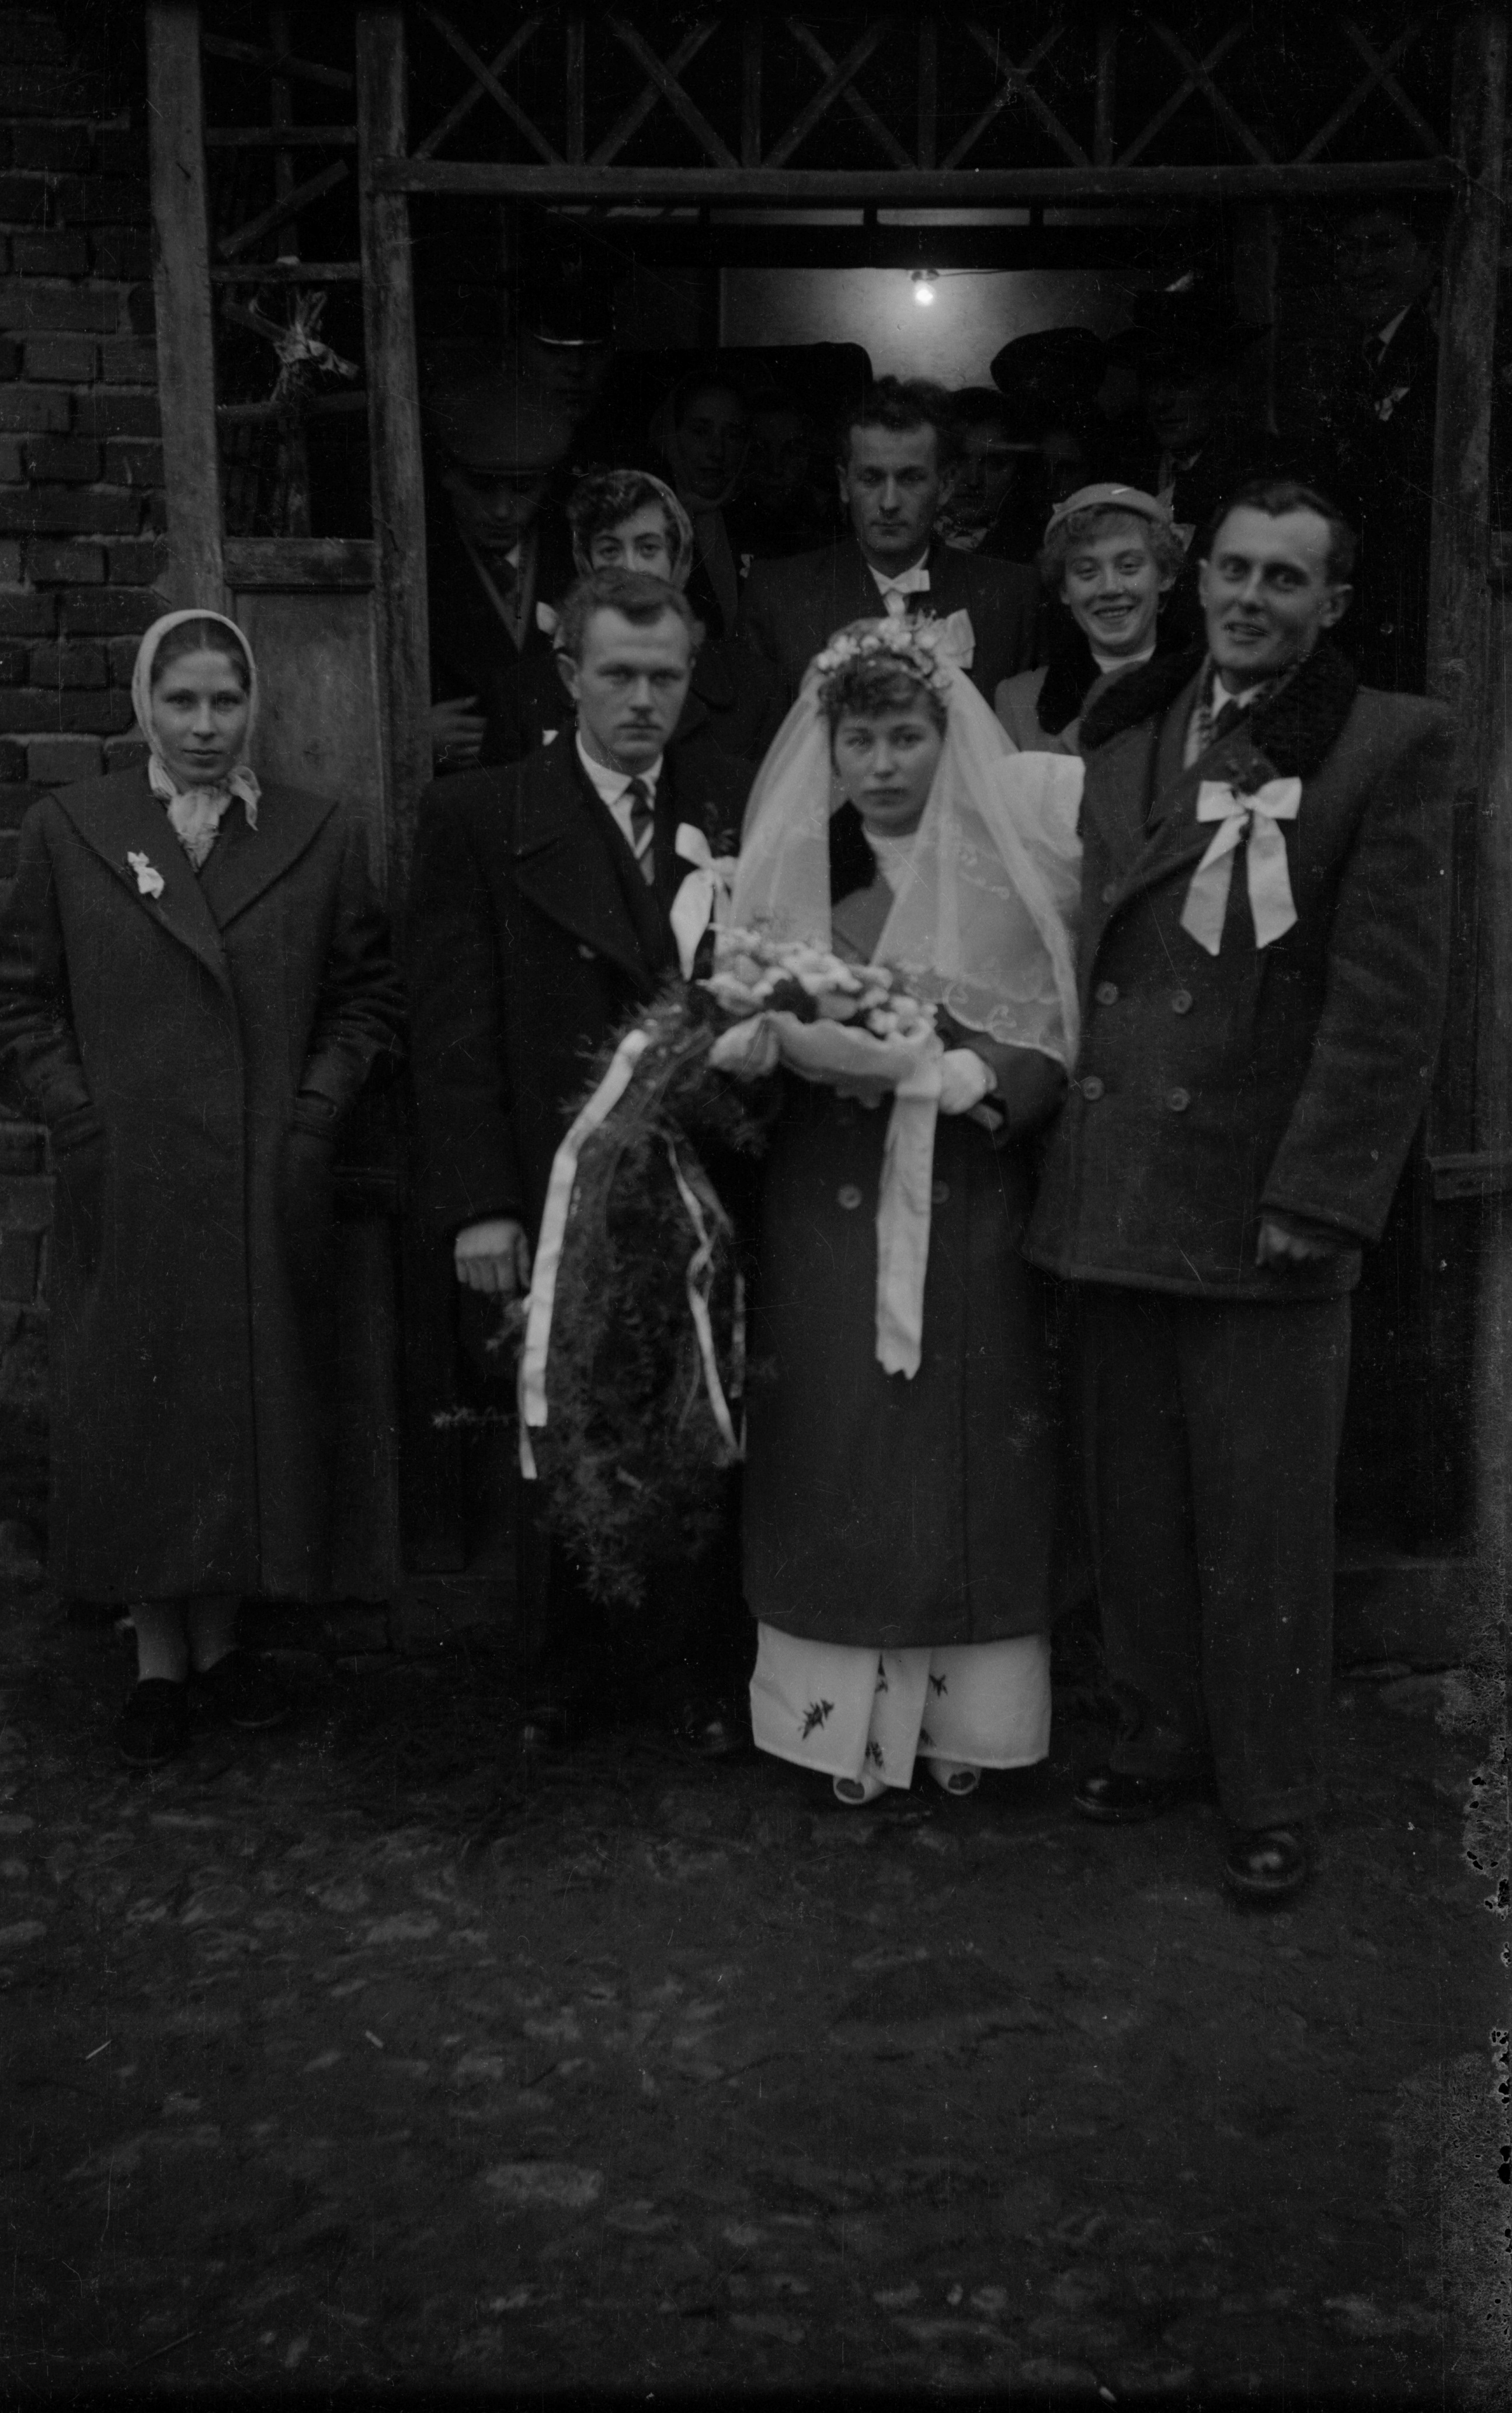 Panna młoda z gośćmi, Węglewo, Dolny Śląsk, koniec lat 50. XX w.